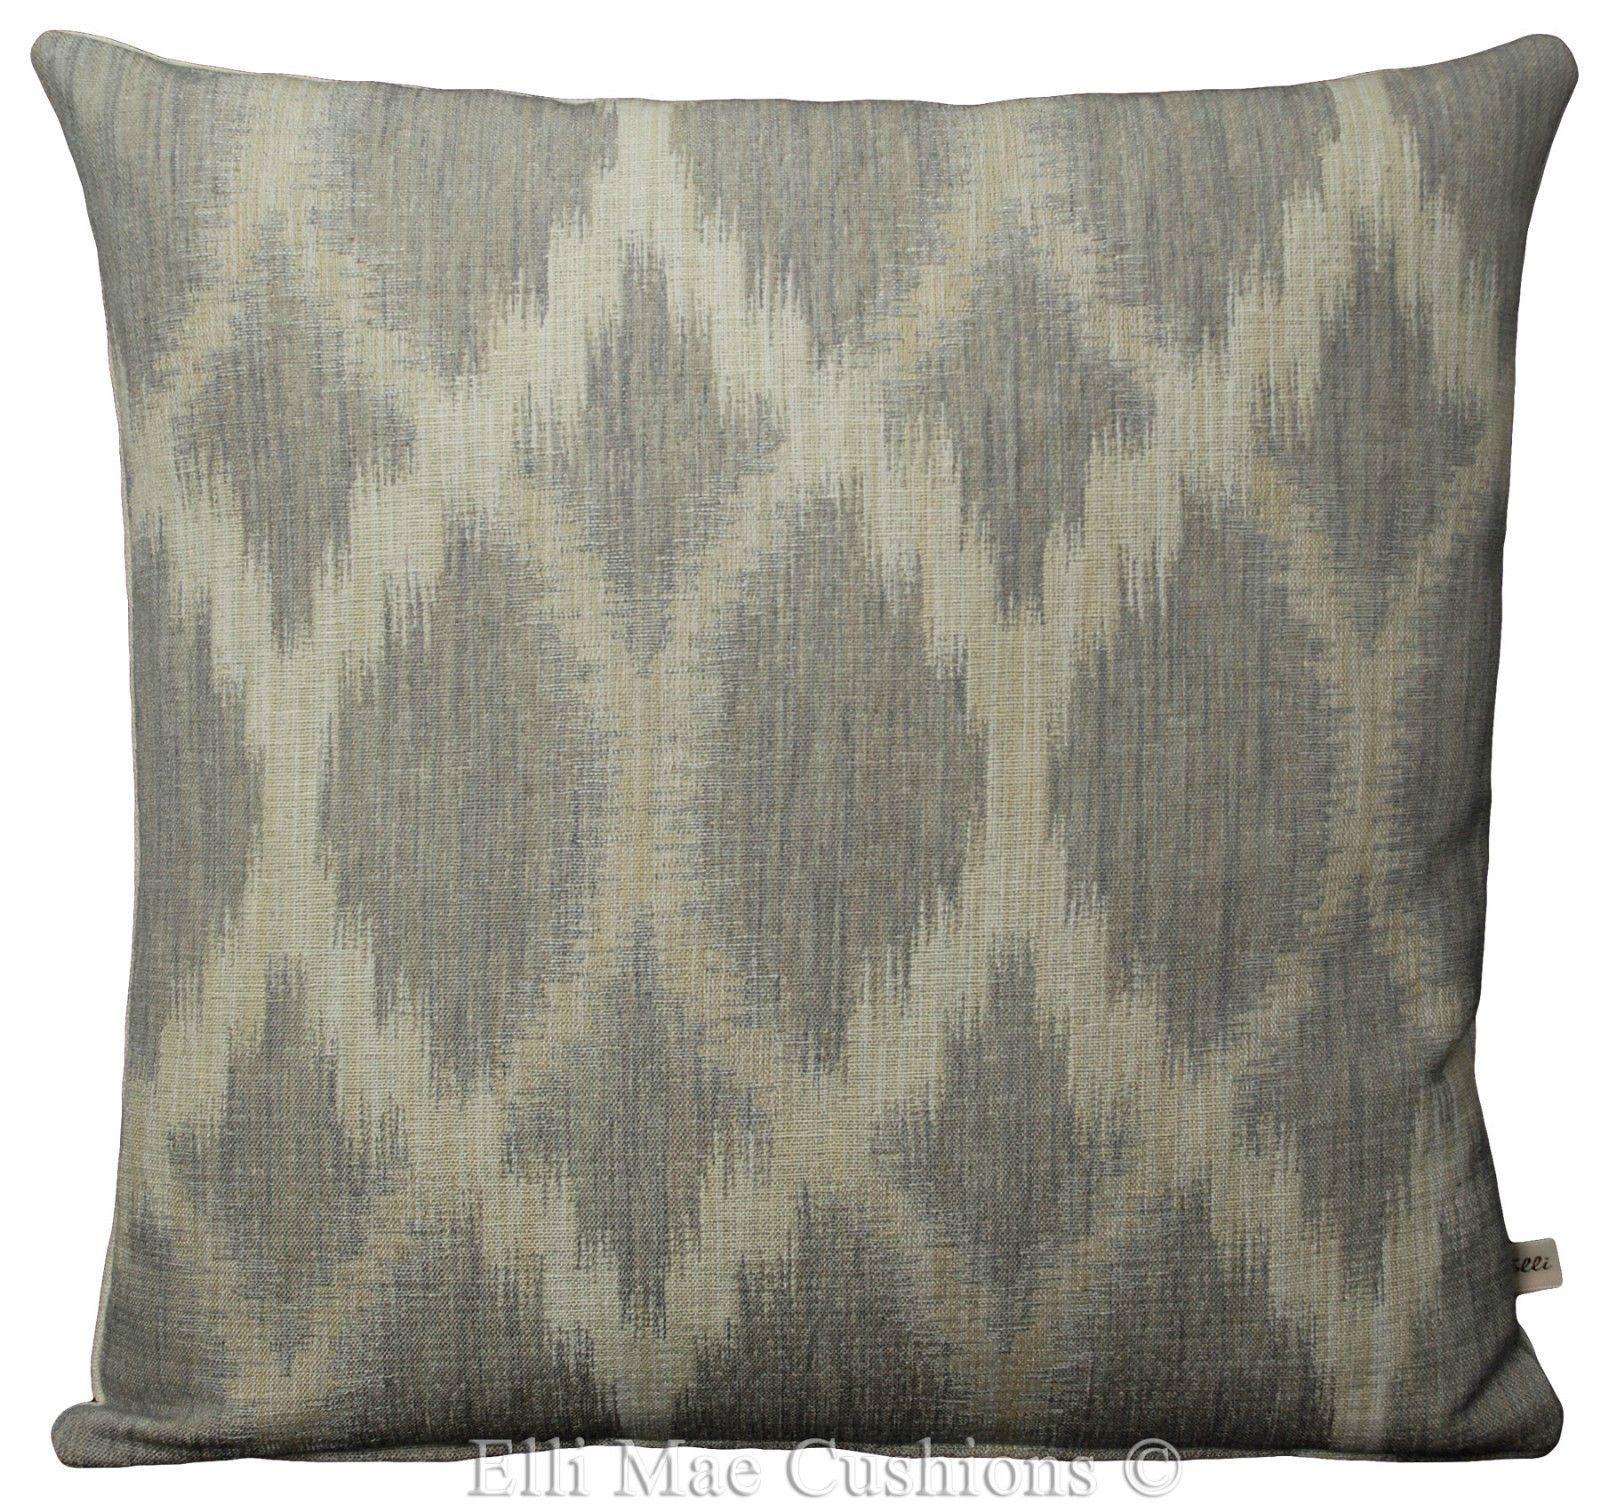 Jane Churchill Fontane Grey Cream Ikat Style Cotton Sofa Cushion